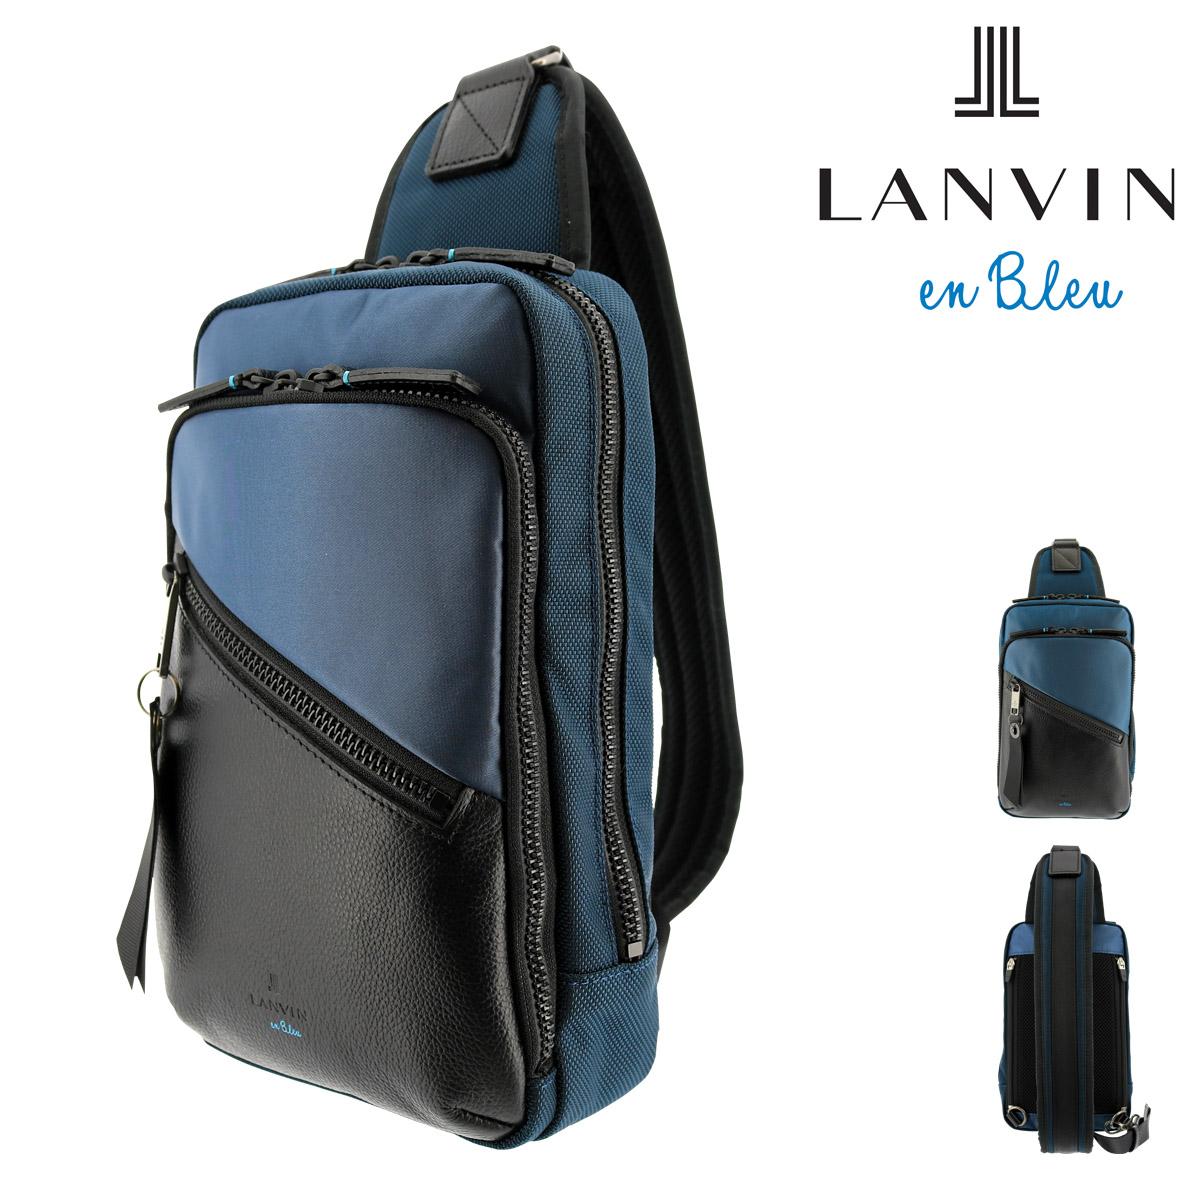 ランバンオンブルー ボディバッグ フェリックス メンズ 564921 日本製 LANVIN en Bleu | ワンショルダーバッグ 牛革 本革 レザー[bef][PO10]